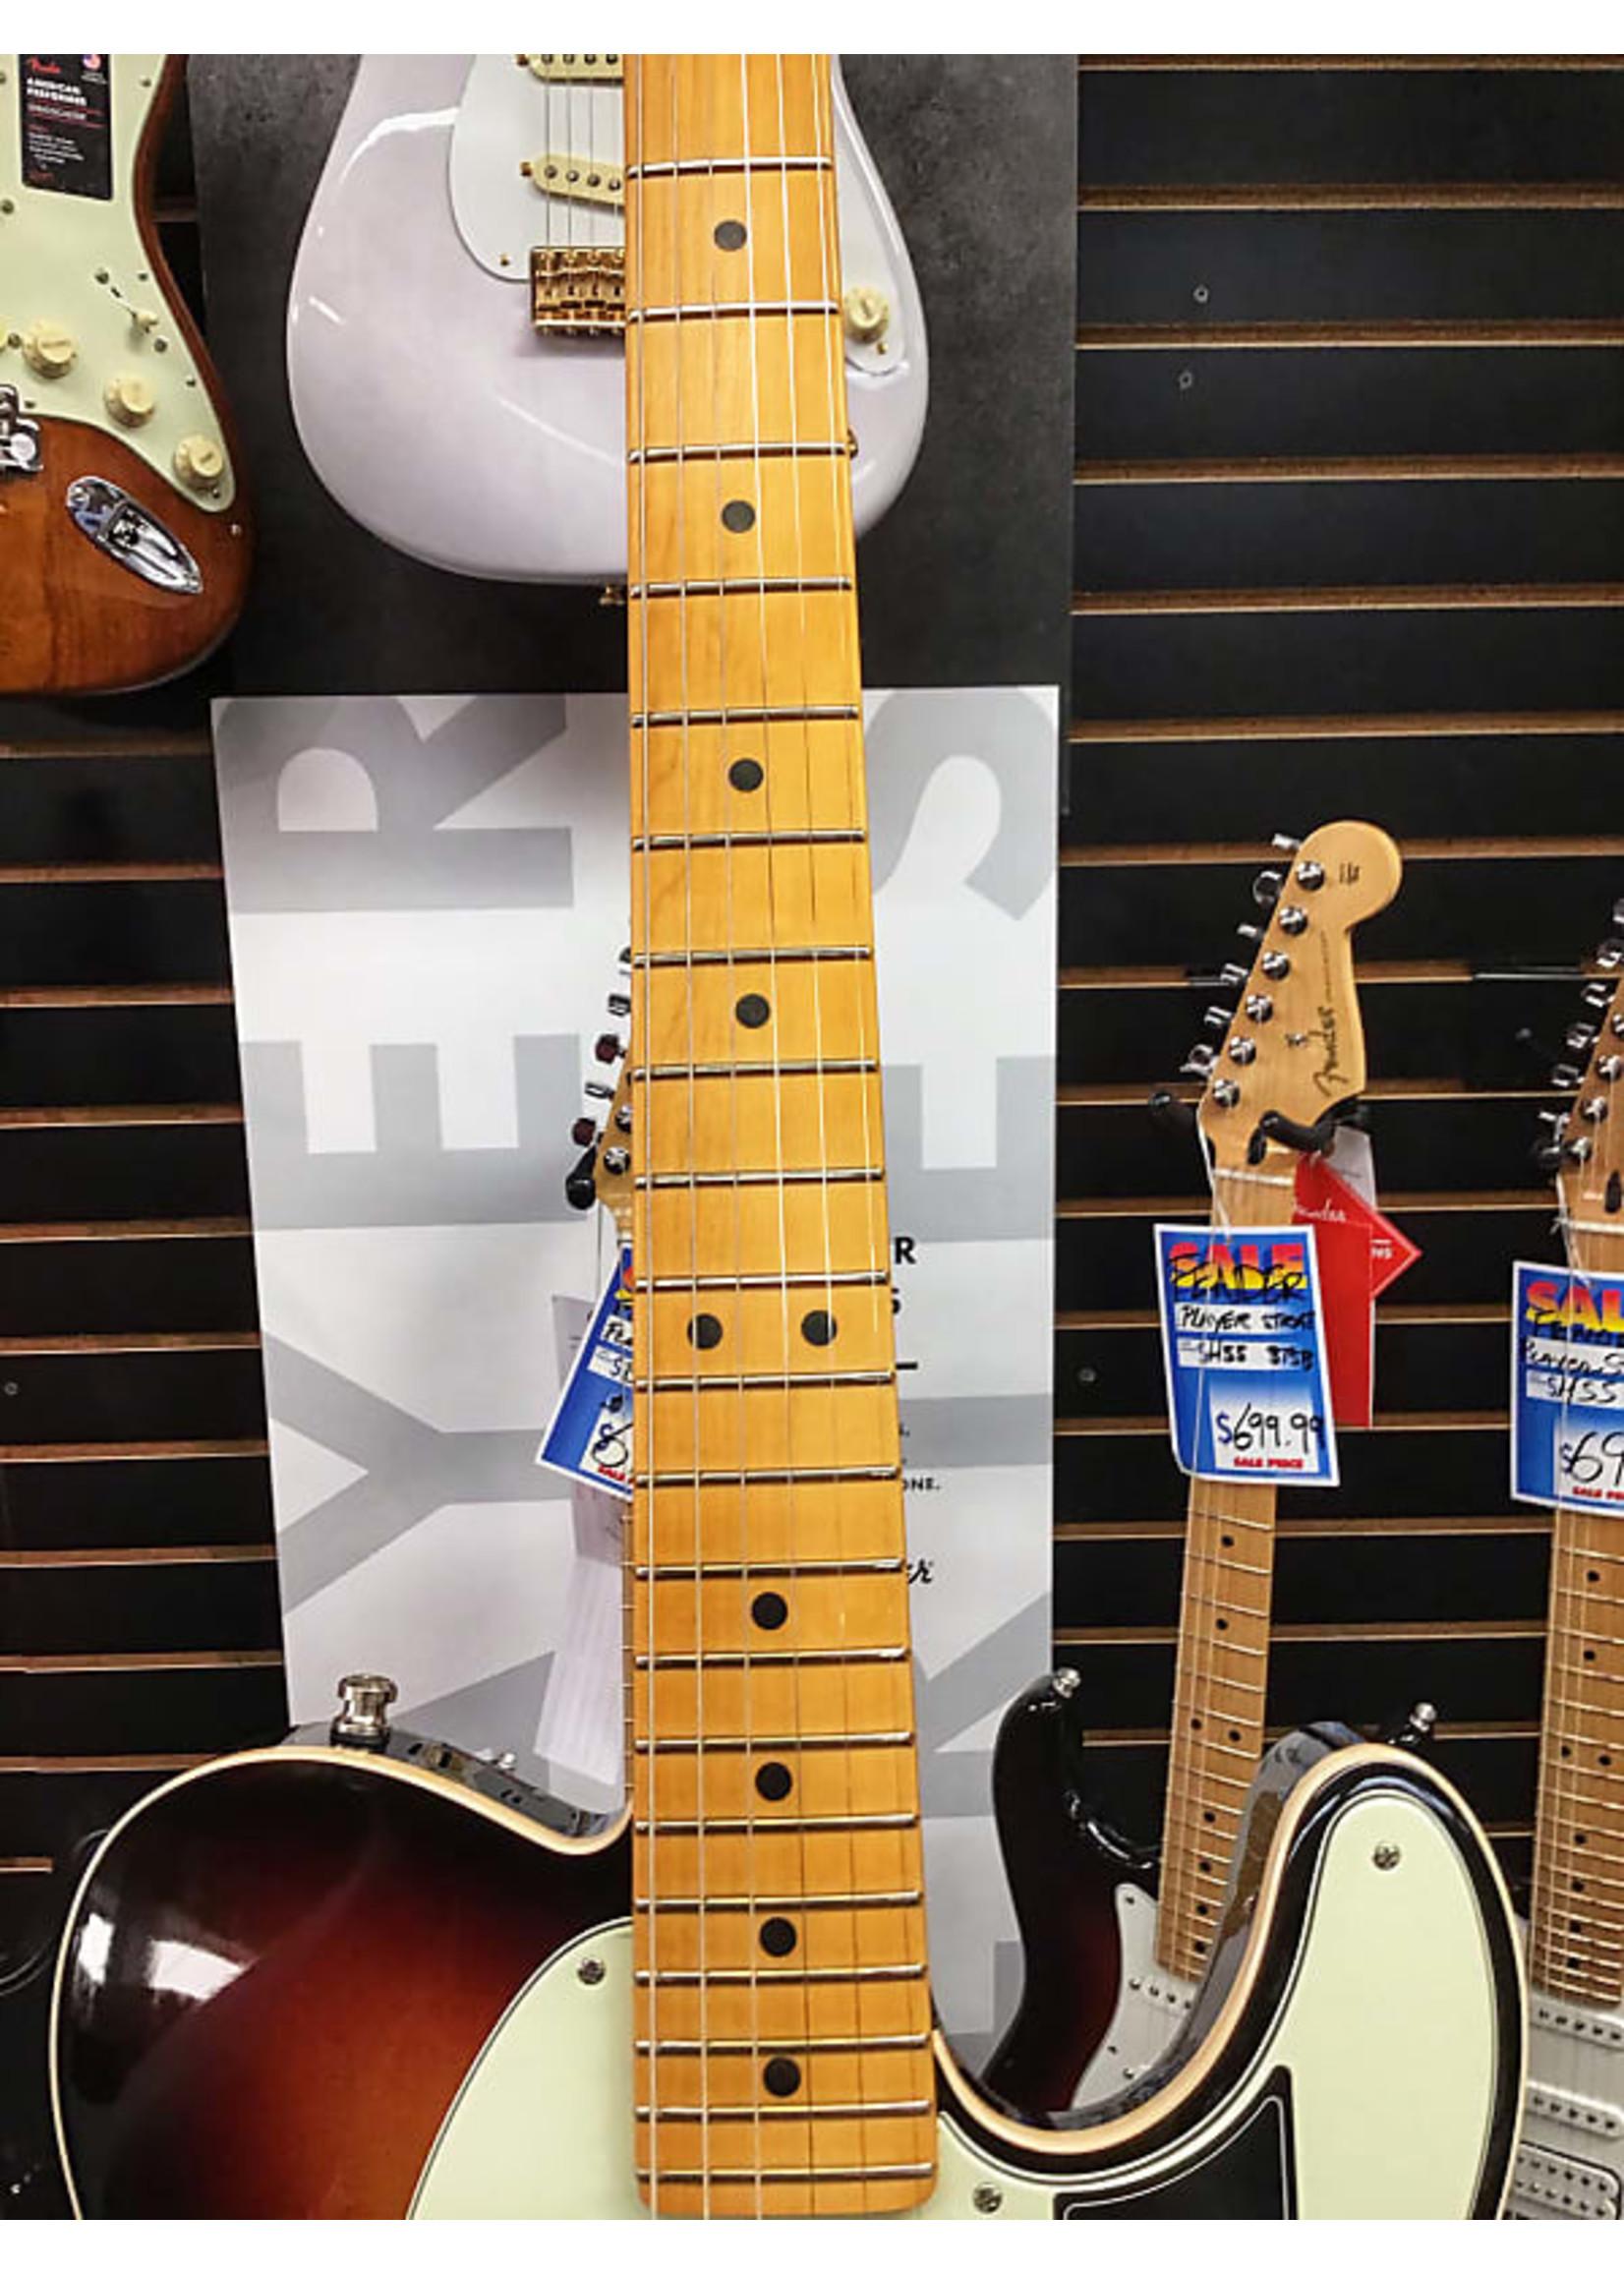 Fender Fender American Ultra Telecaster in 3 Tone Sunburst